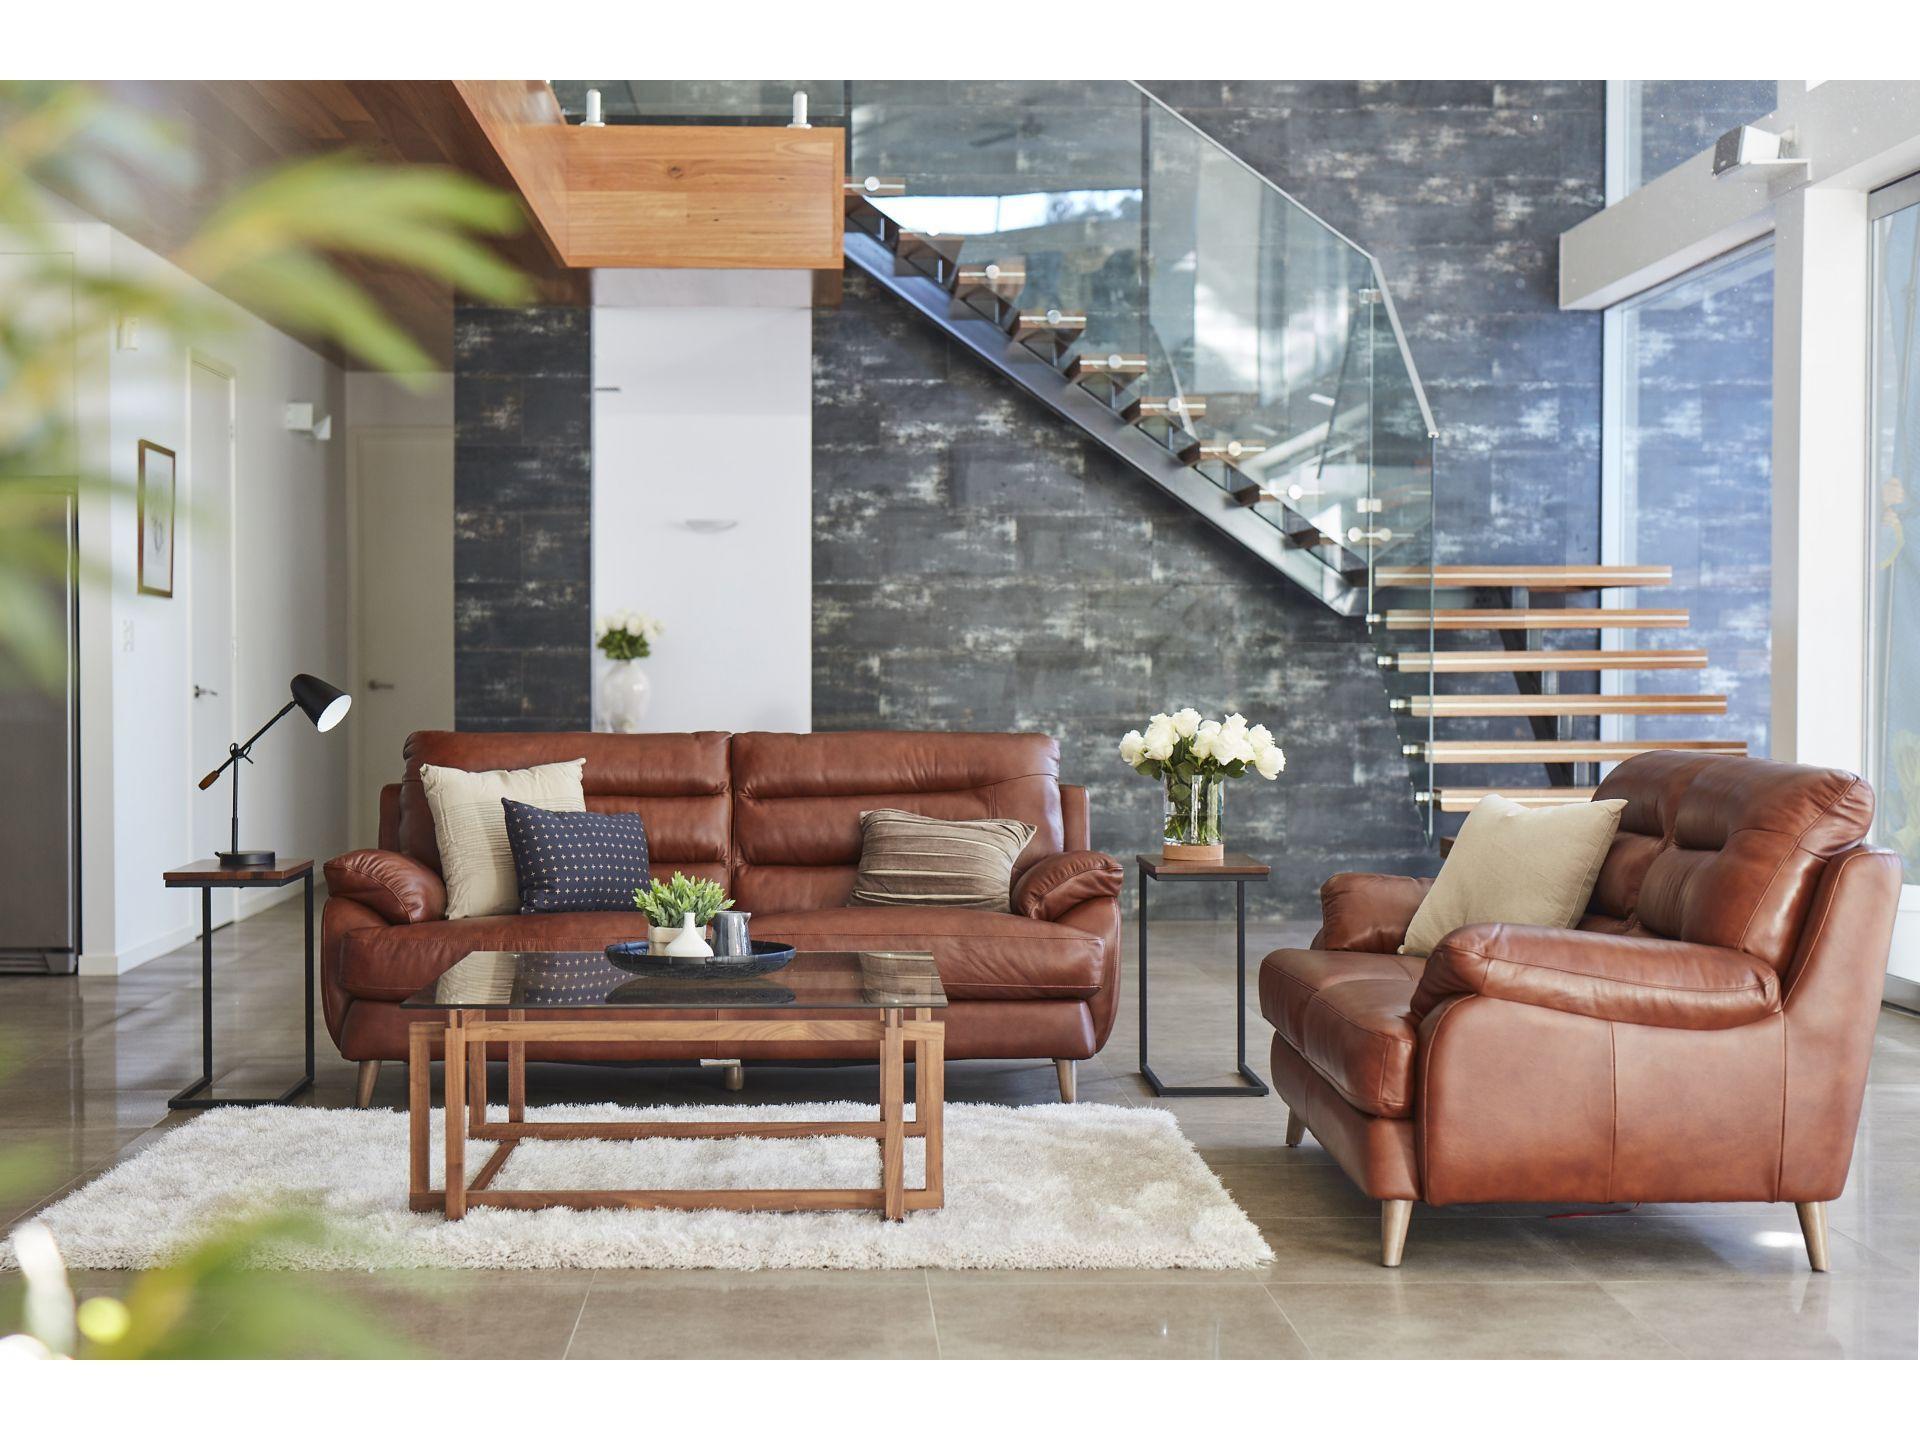 Romano Suite Suites Lounge La Z Boy Australia Furniture Comfortable Furniture Home [ 1440 x 1920 Pixel ]